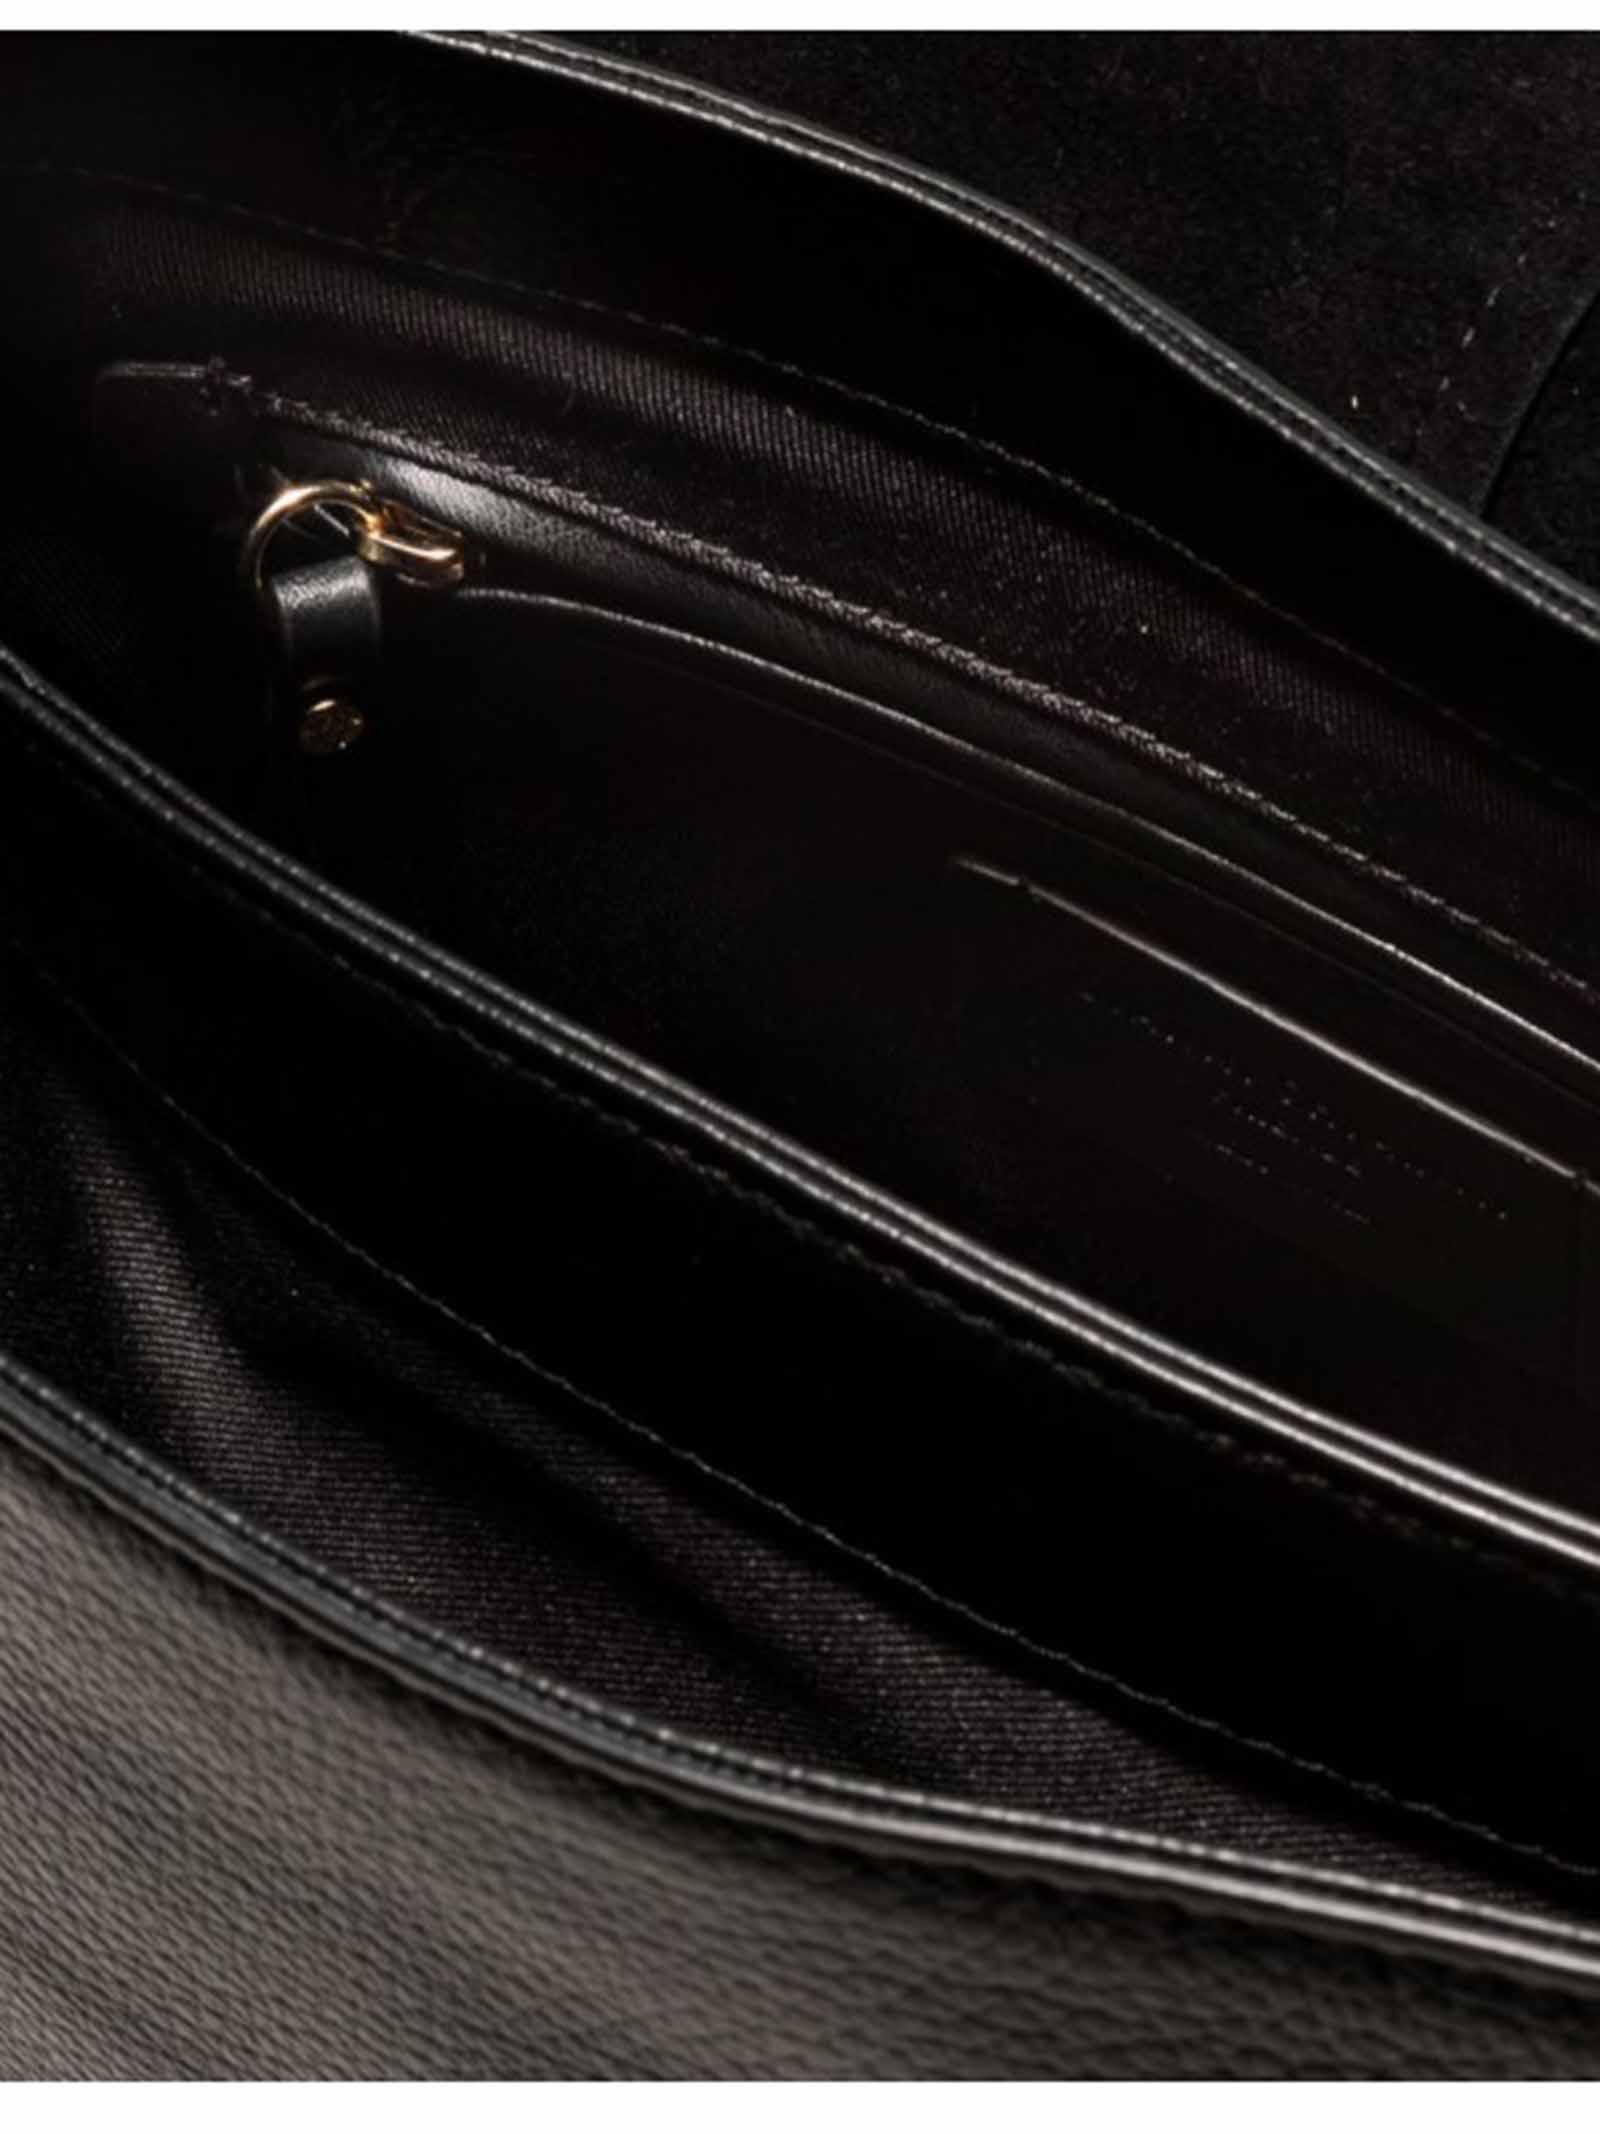 Borsa Donna Tracolla Helena Round in Pelle Nera Con Manico in Tinta e Tracolla Regolabile e Removibile Gianni Chiarini   Borse e zaini   BS6037001